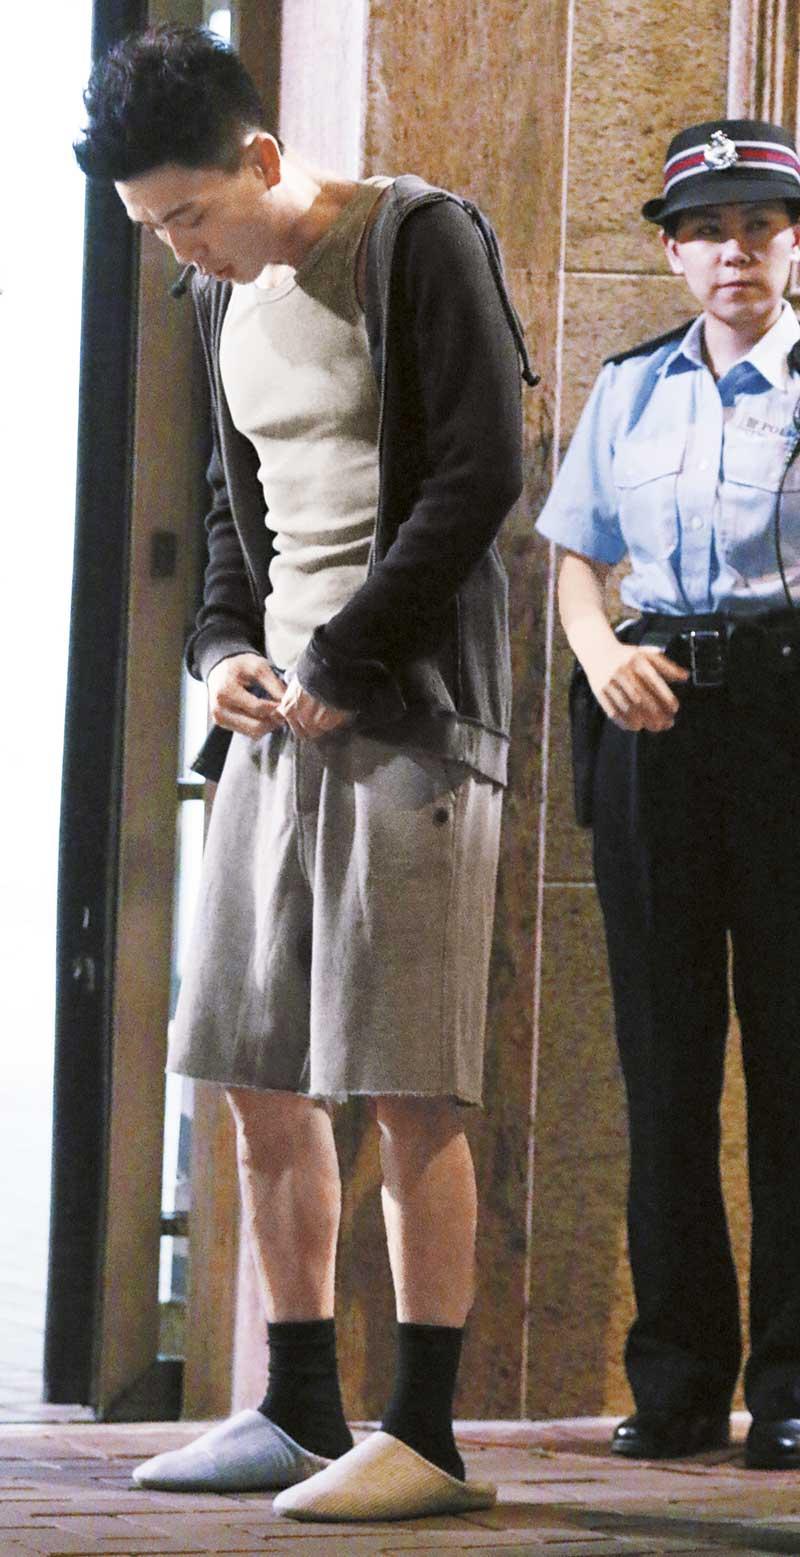 稍后时间,已换上另一戏服的Bosco当街整理裤头带,动作惹人遐想。